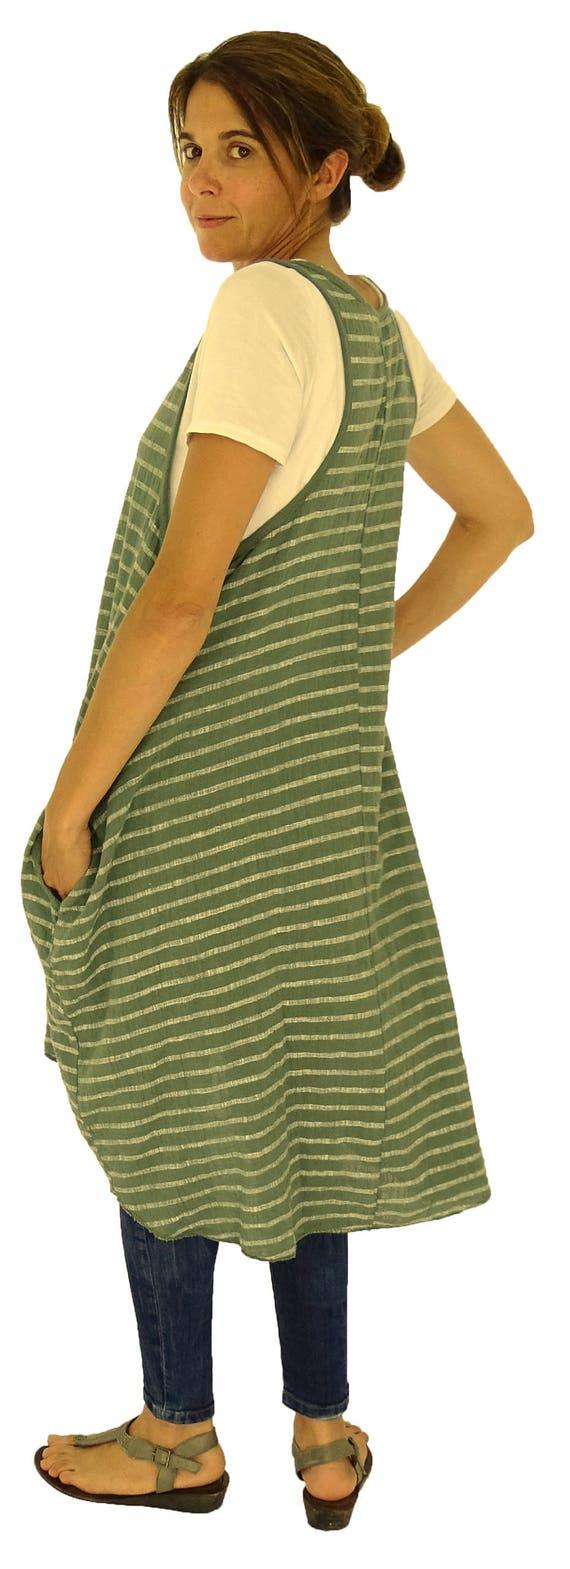 280b6e6d6bae0 Carrier Ballontunika IB100GN Women s tunic striped